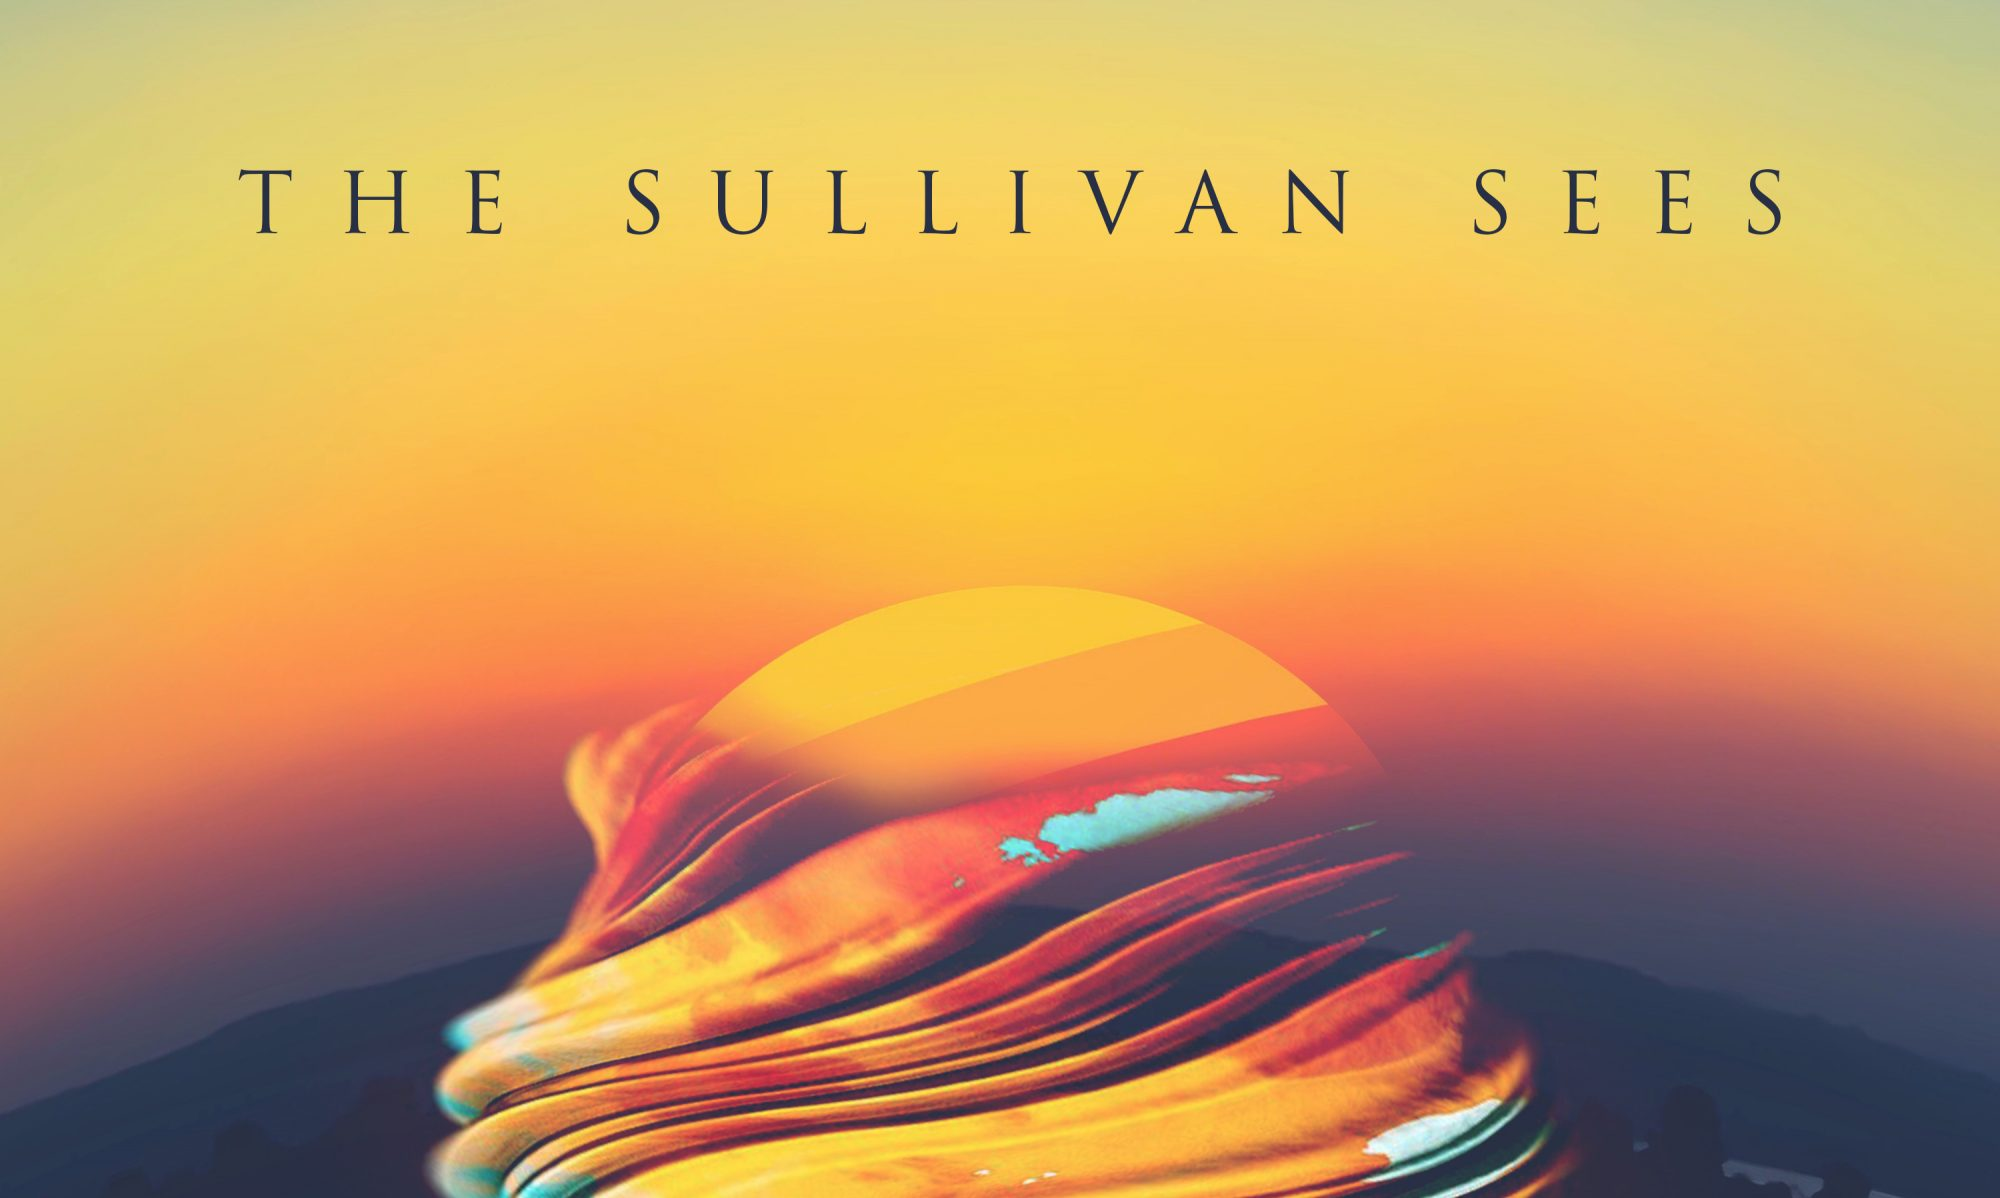 The Sullivan Sees